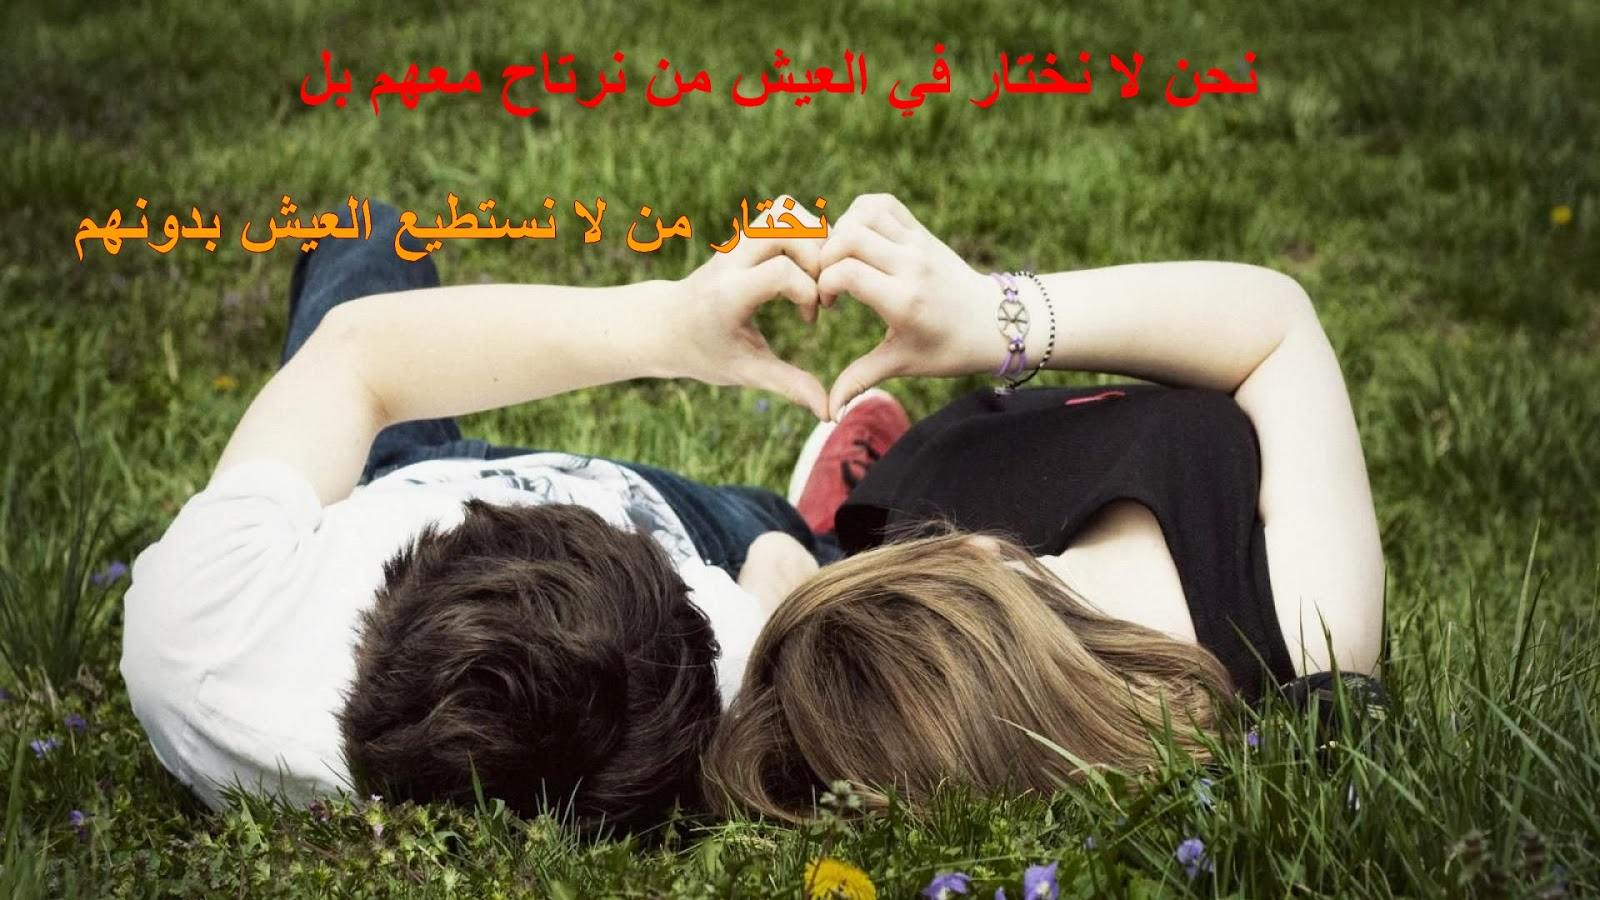 بالصور صور حب حلوه , احلى ما في الحب وحلاوته 5417